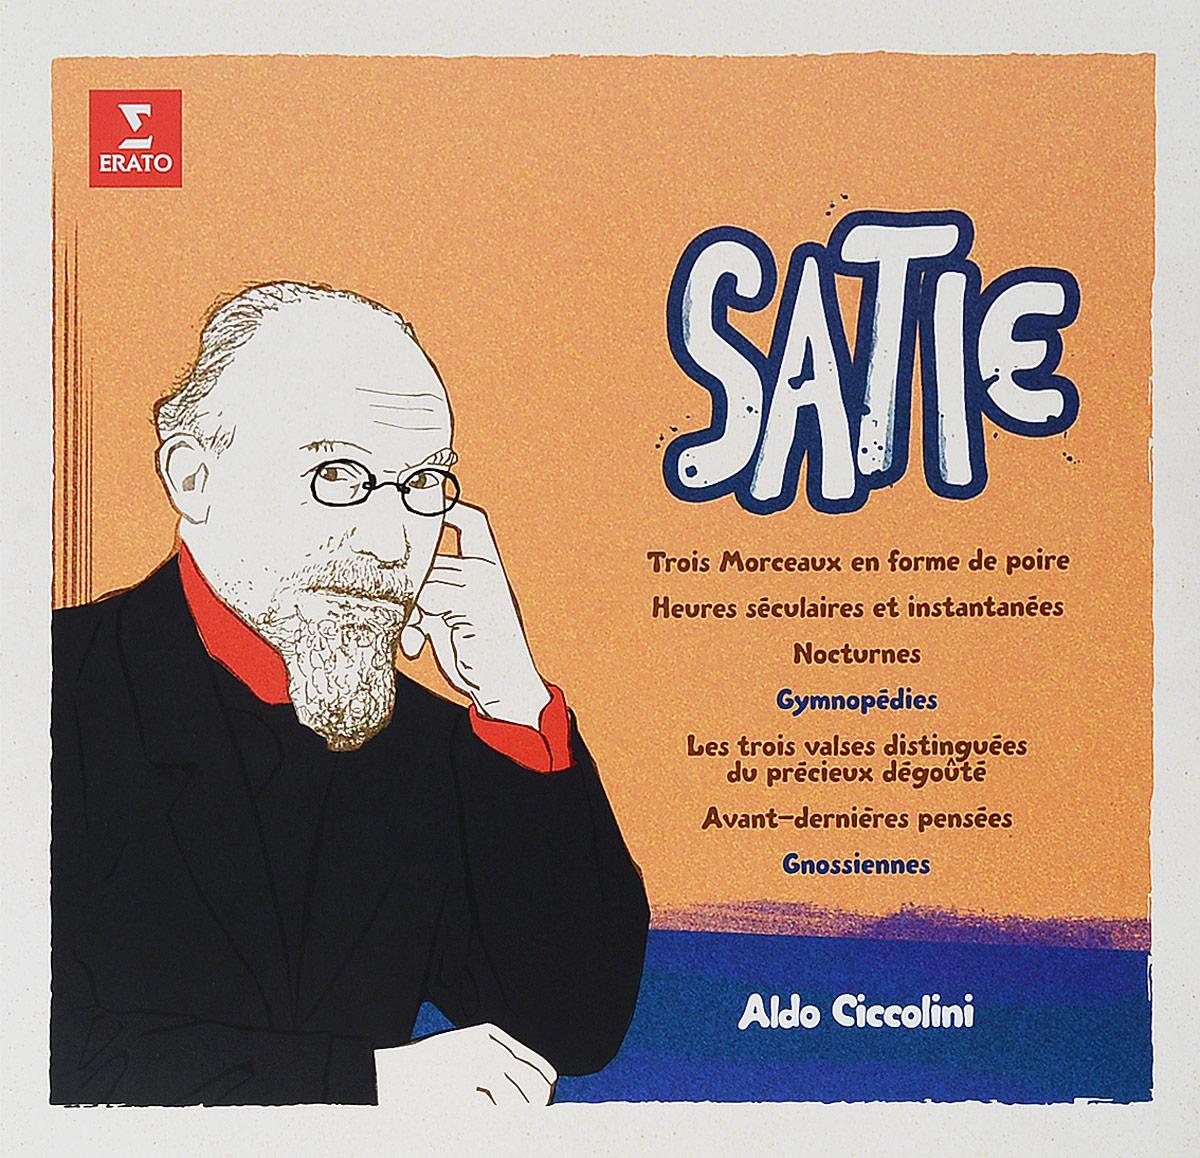 Альдо Чикколини Aldo Ciccolini. Satie: Gymnopedies, Gnossiennes And Etc. (LP)